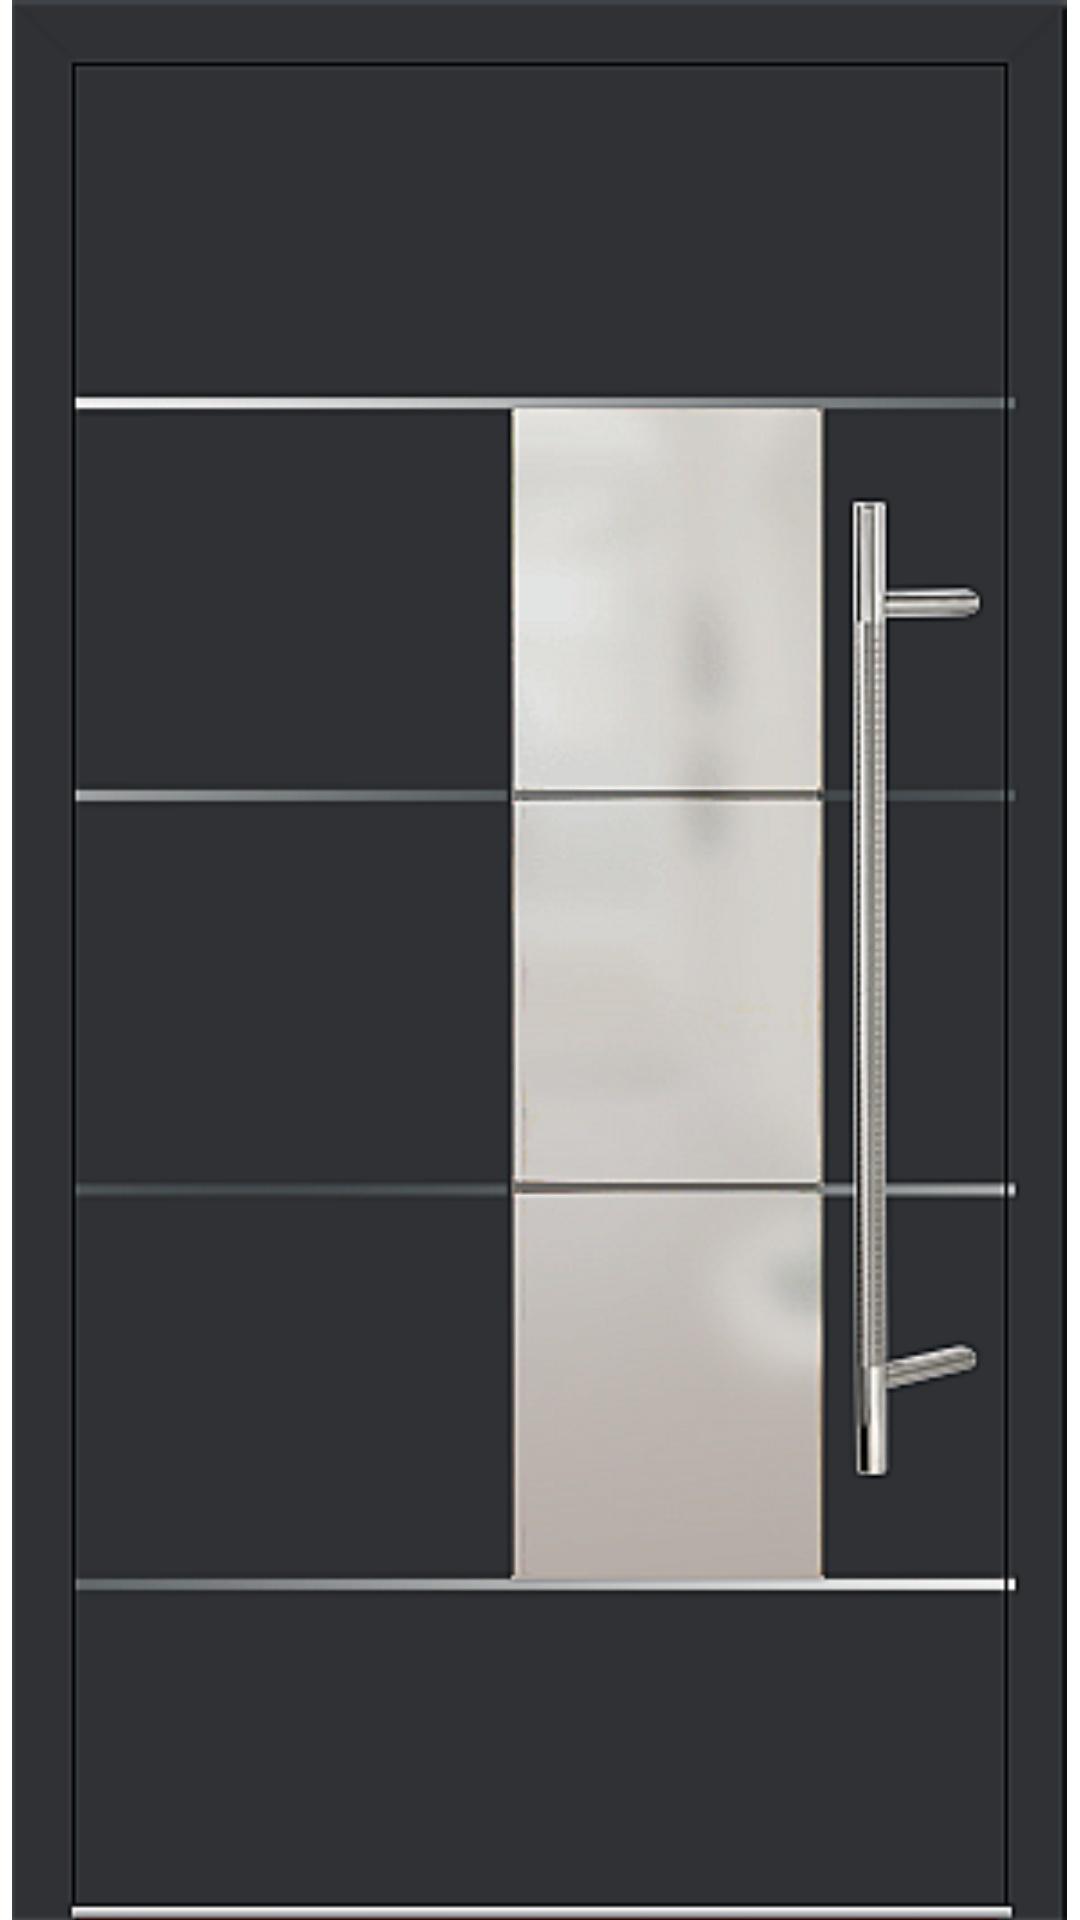 Kunststoff Haustür Modell 6878-54 schwarz